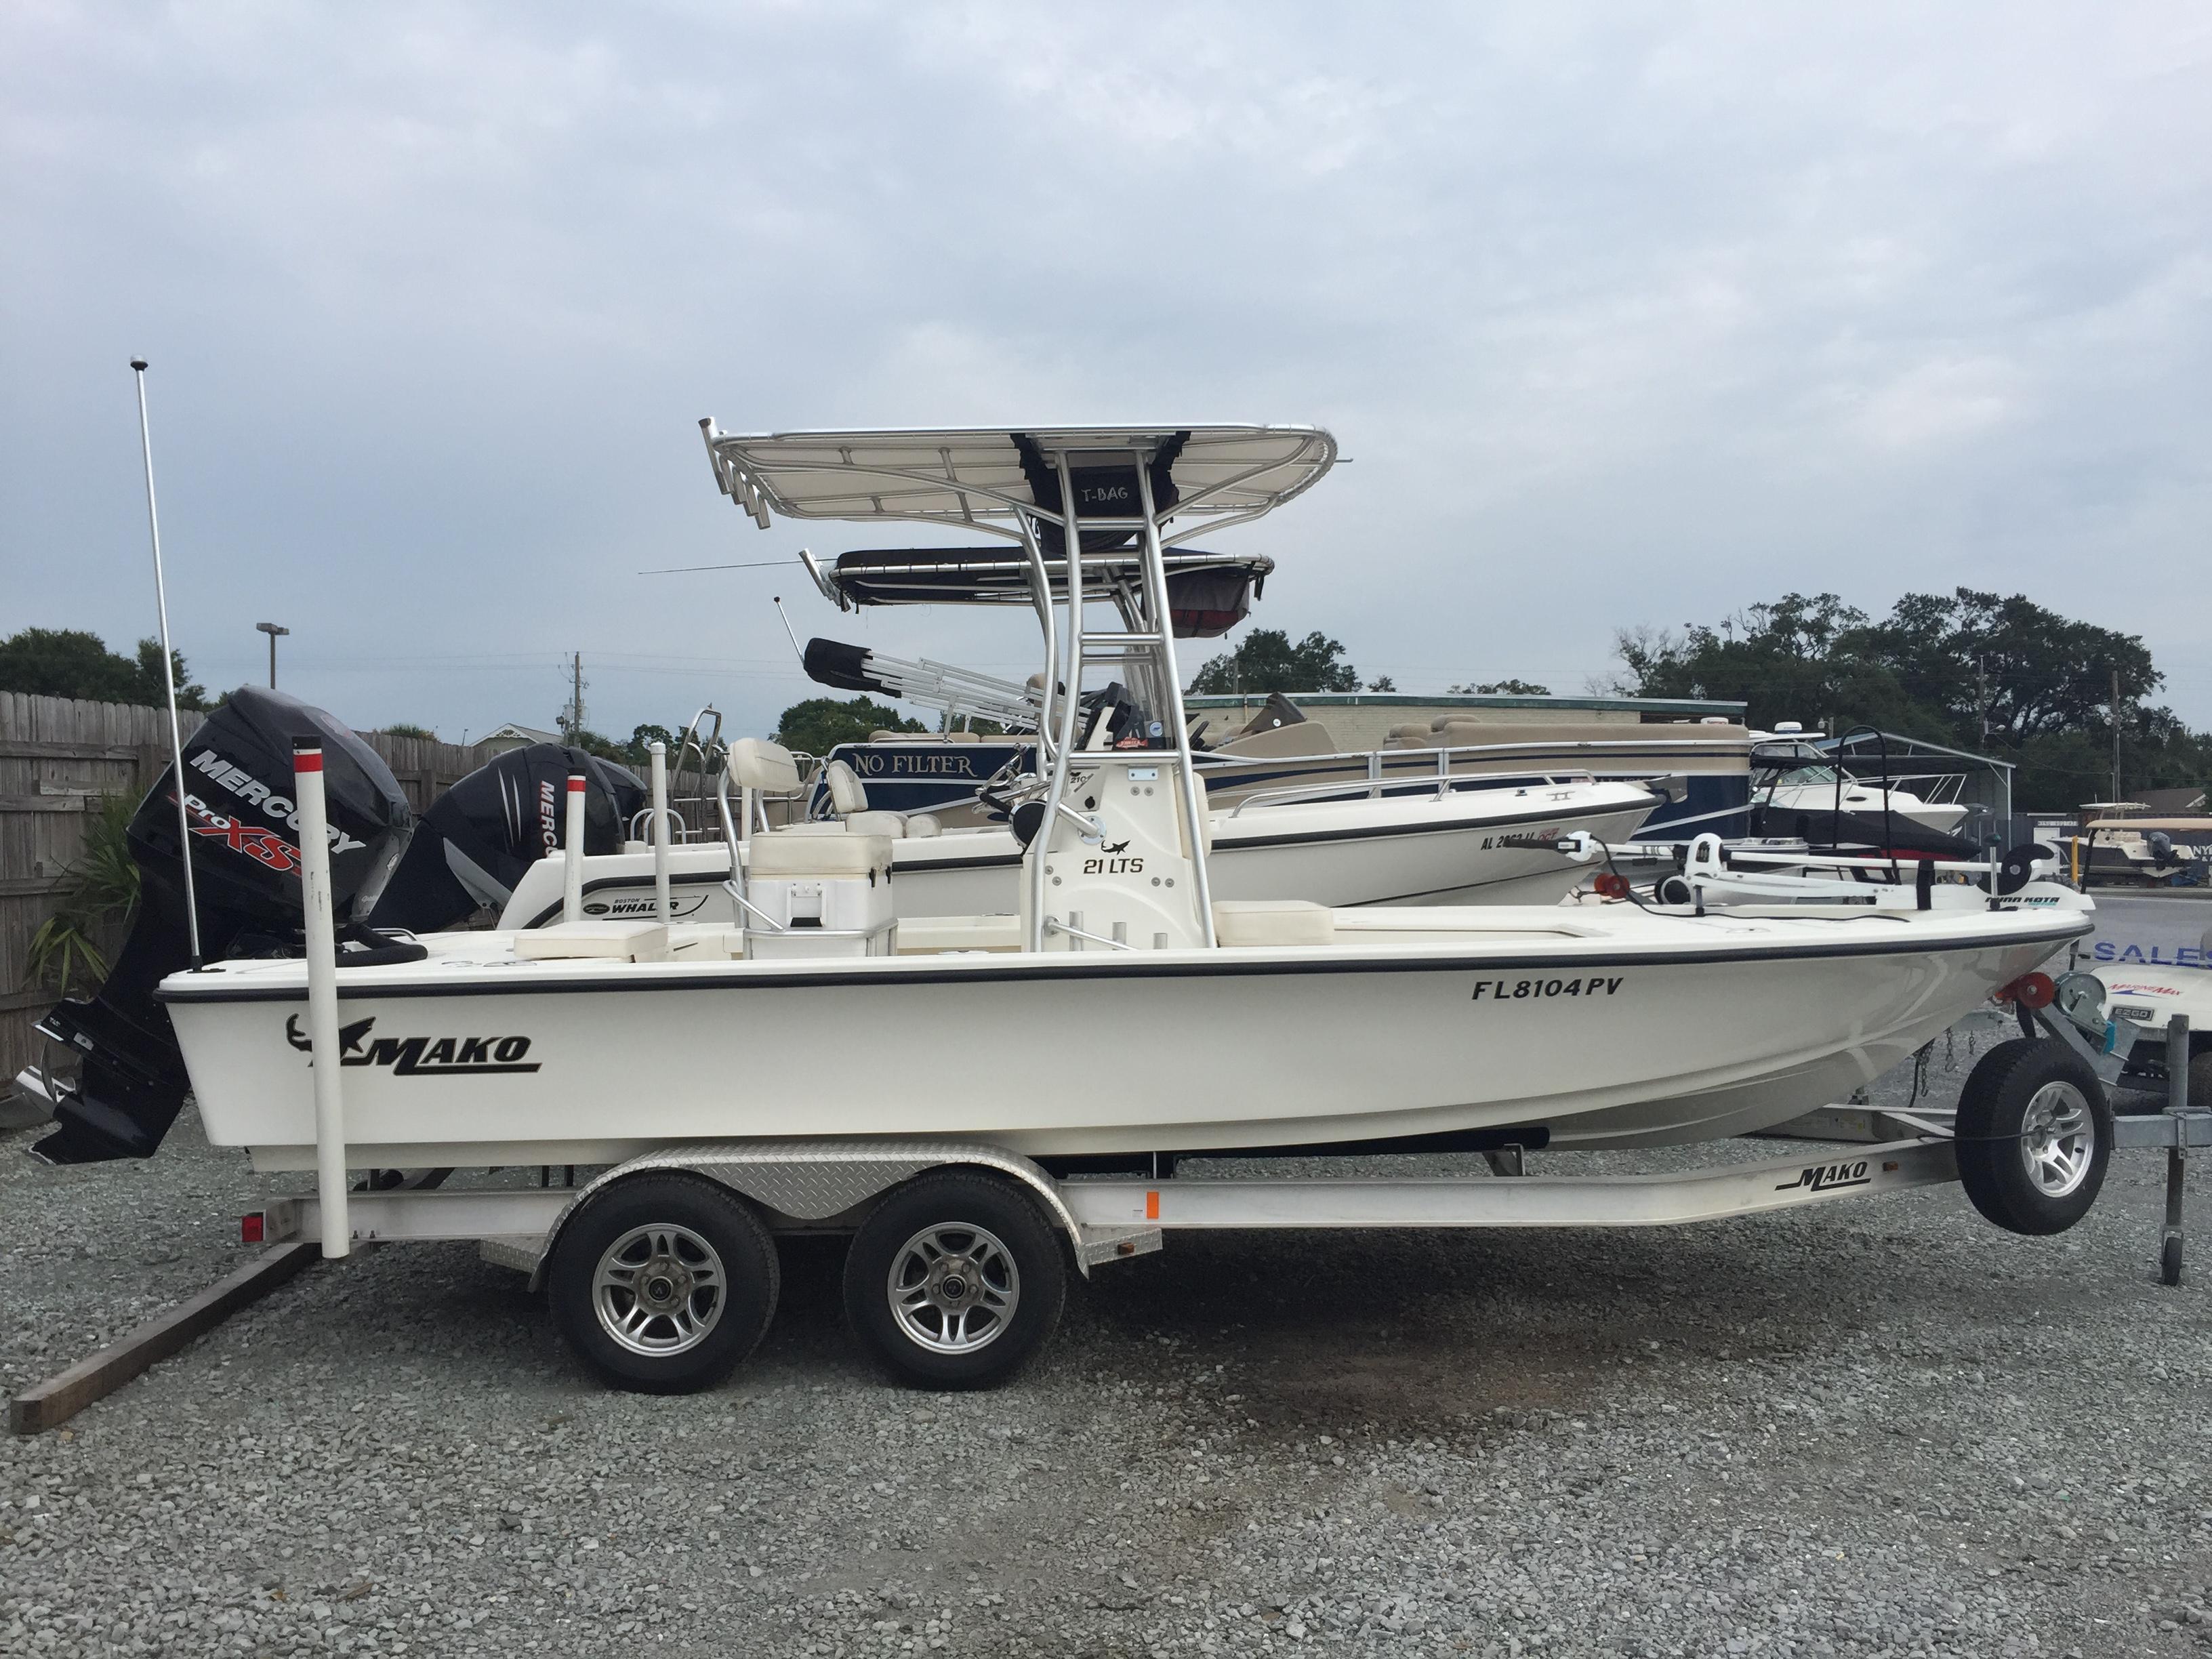 Mako boats for sale - YachtWorld